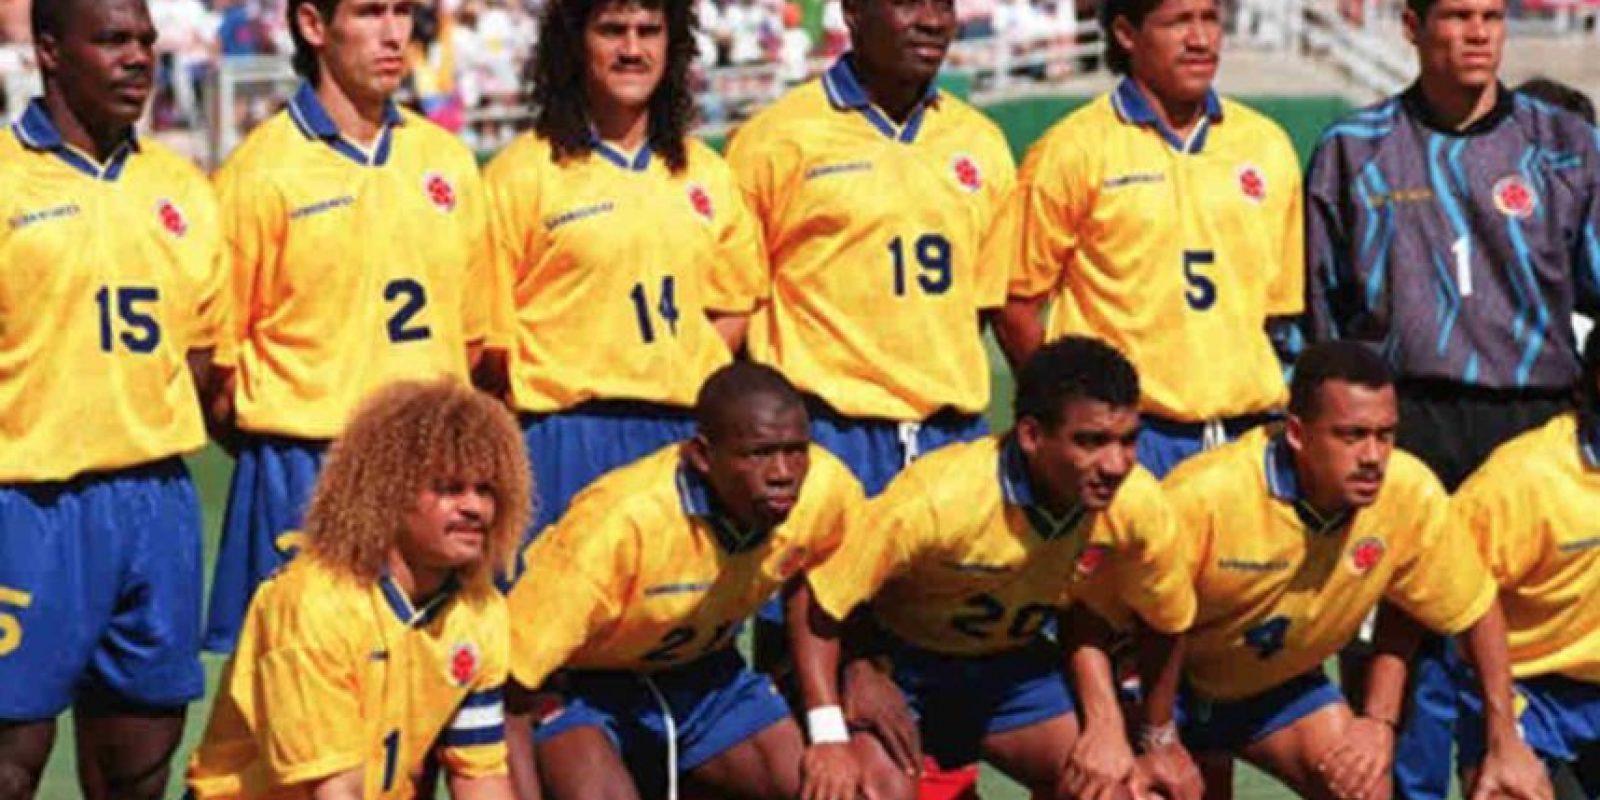 La serie contó con el beneplácito de la mayoría de los futbolistas. Foto:LaTricolor.com